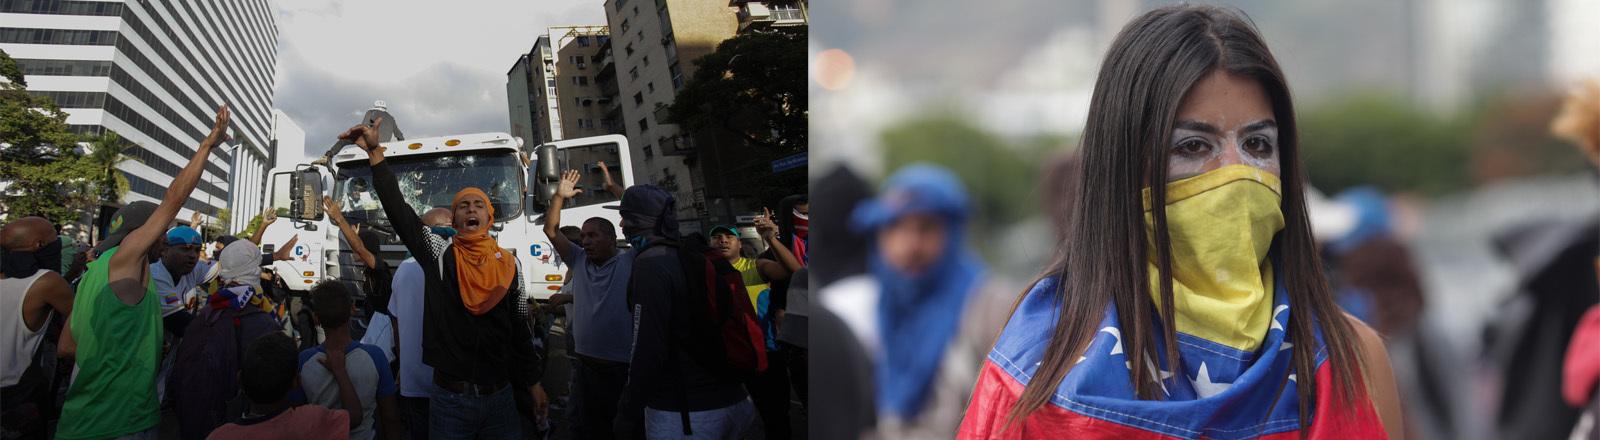 Frau und Menschengruppe bei Protesten in Caracas, der Hauptstadt Venezuelas